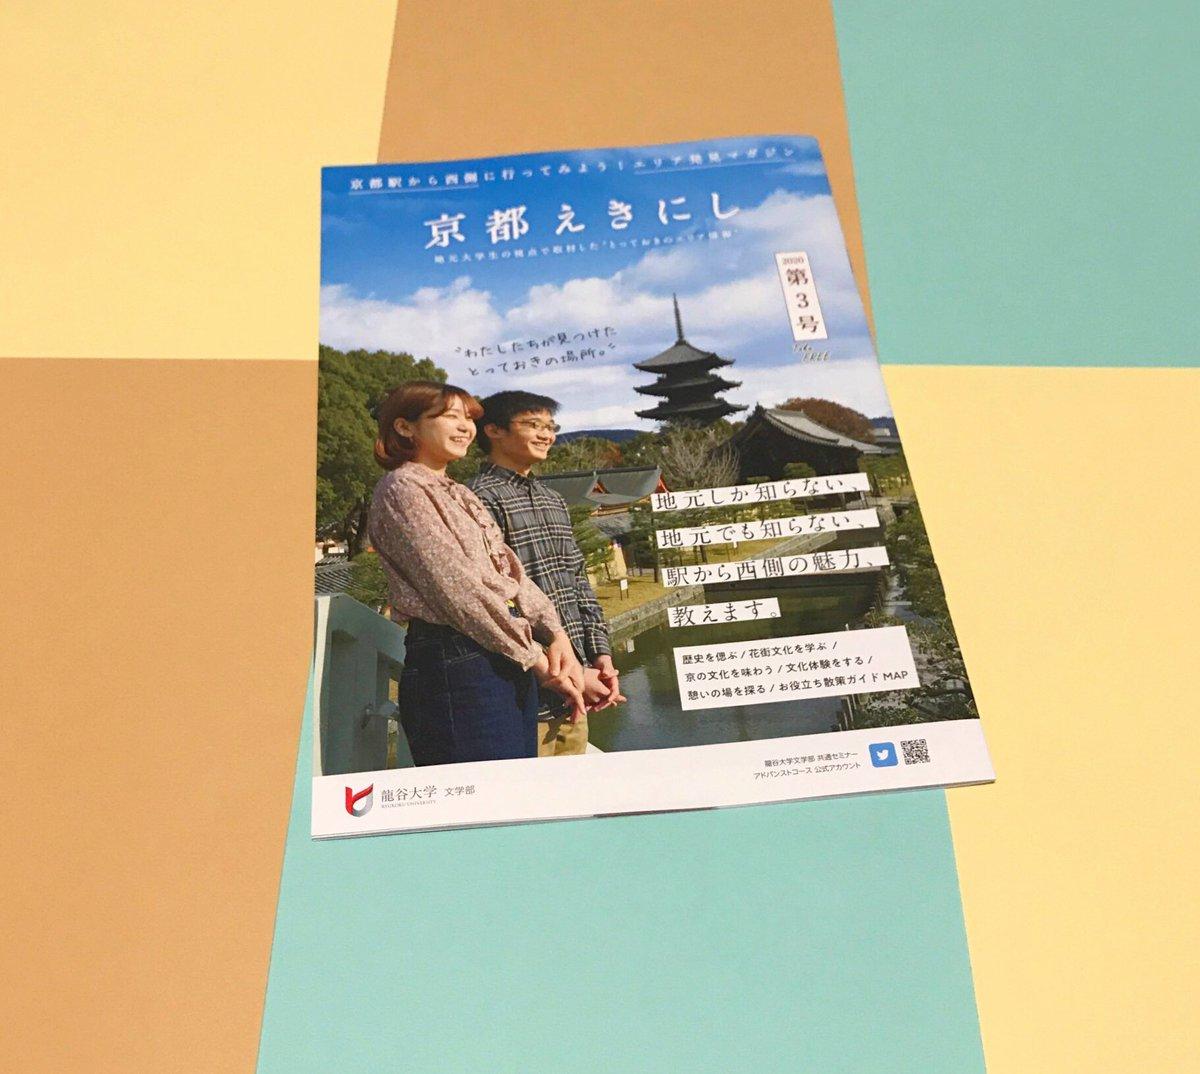 文学部 龍谷 大学